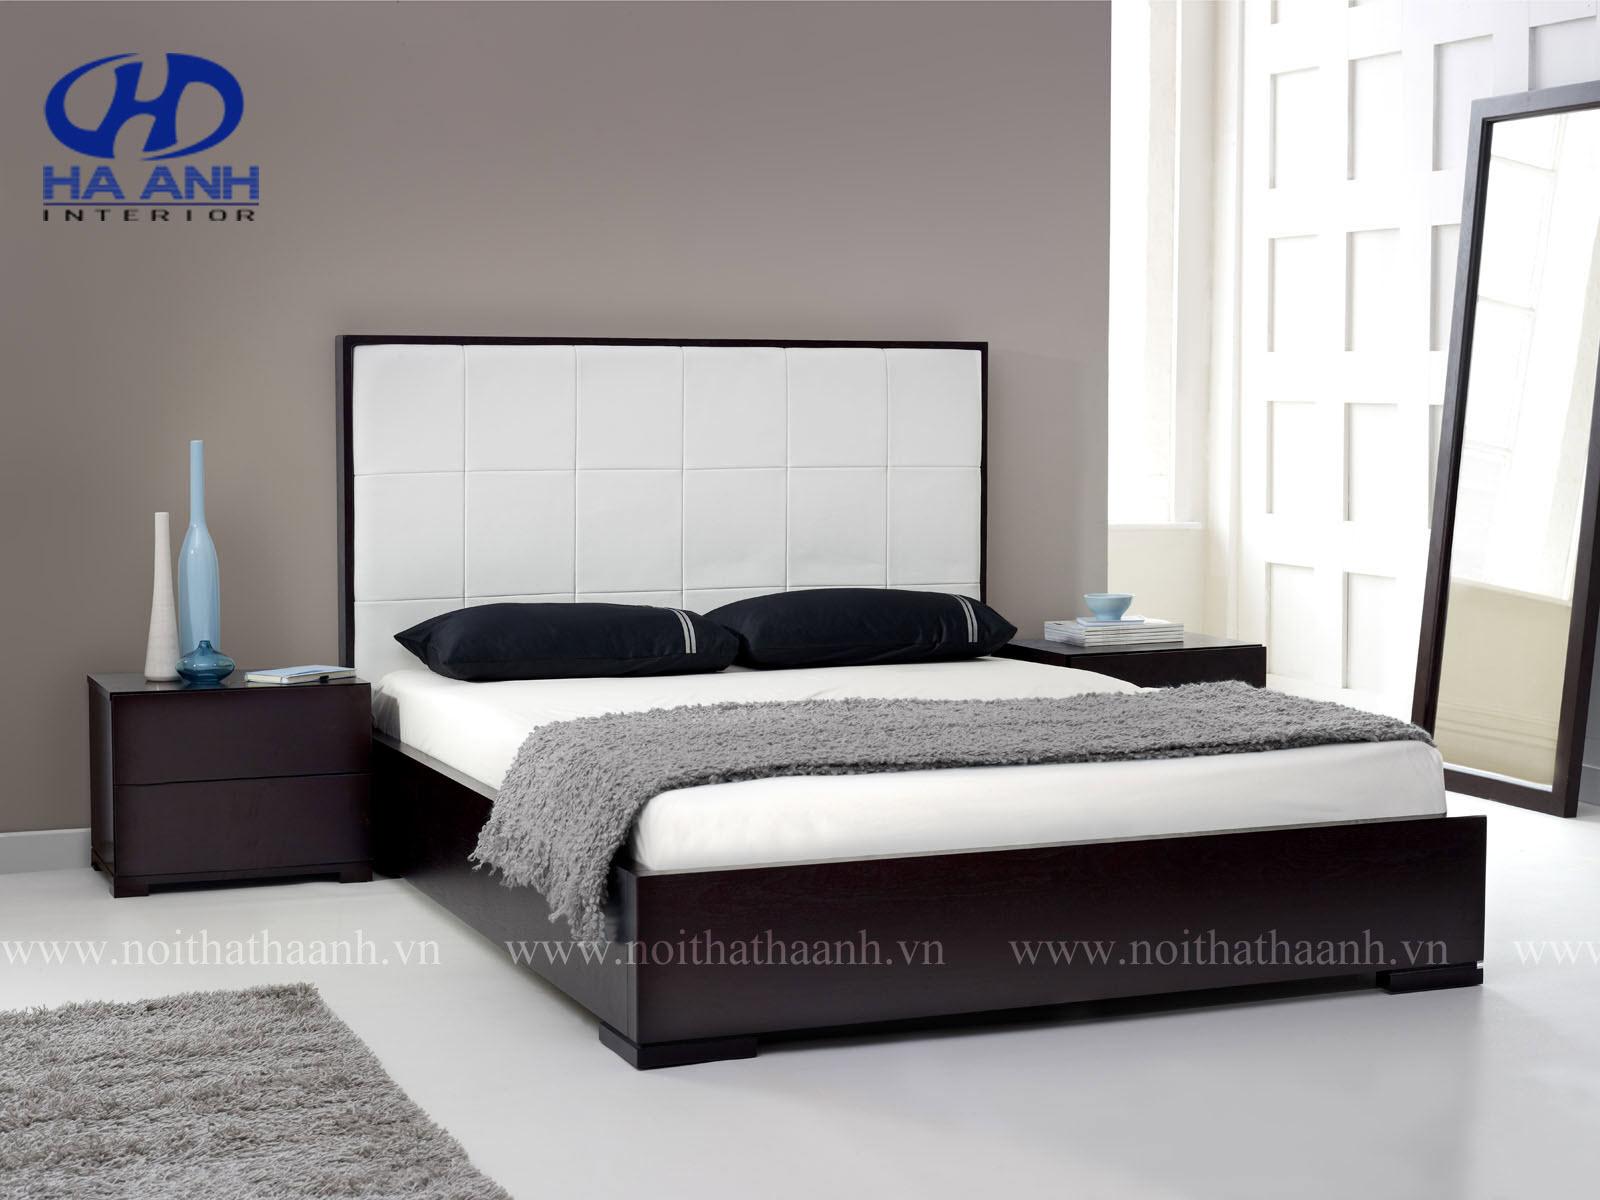 Giường ngủ HA-50816